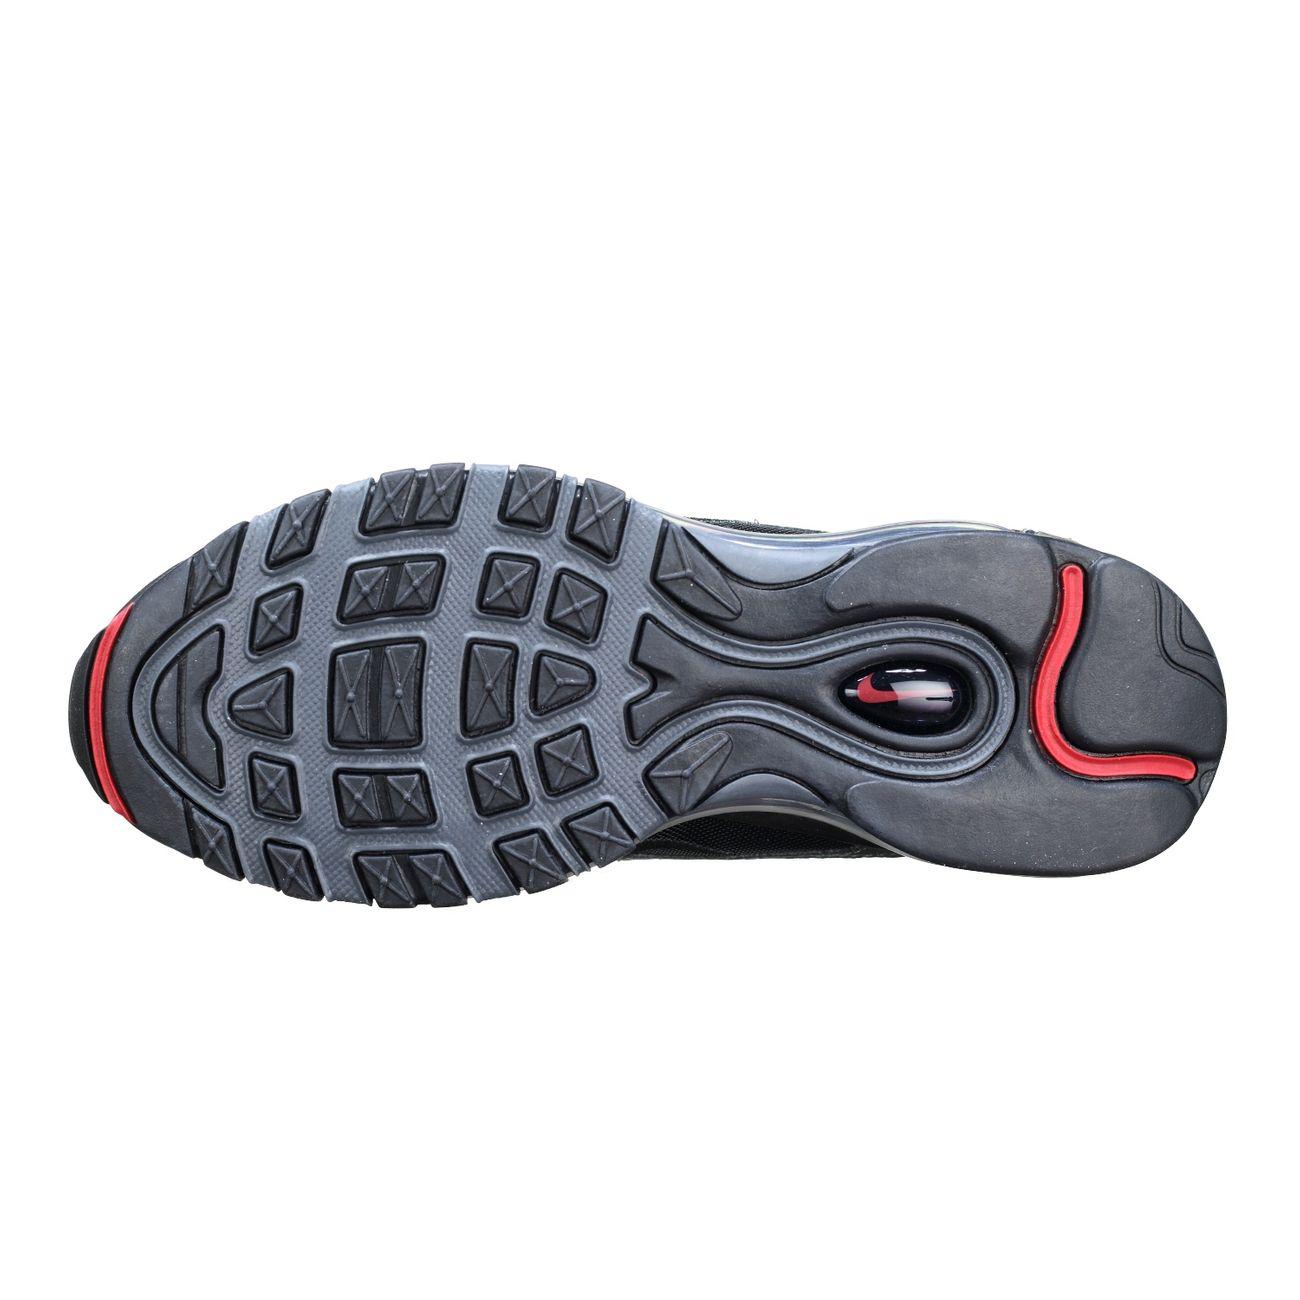 outlet store eda99 8afe6 Basket Nike Air Max 97 921826 - 005 Noir